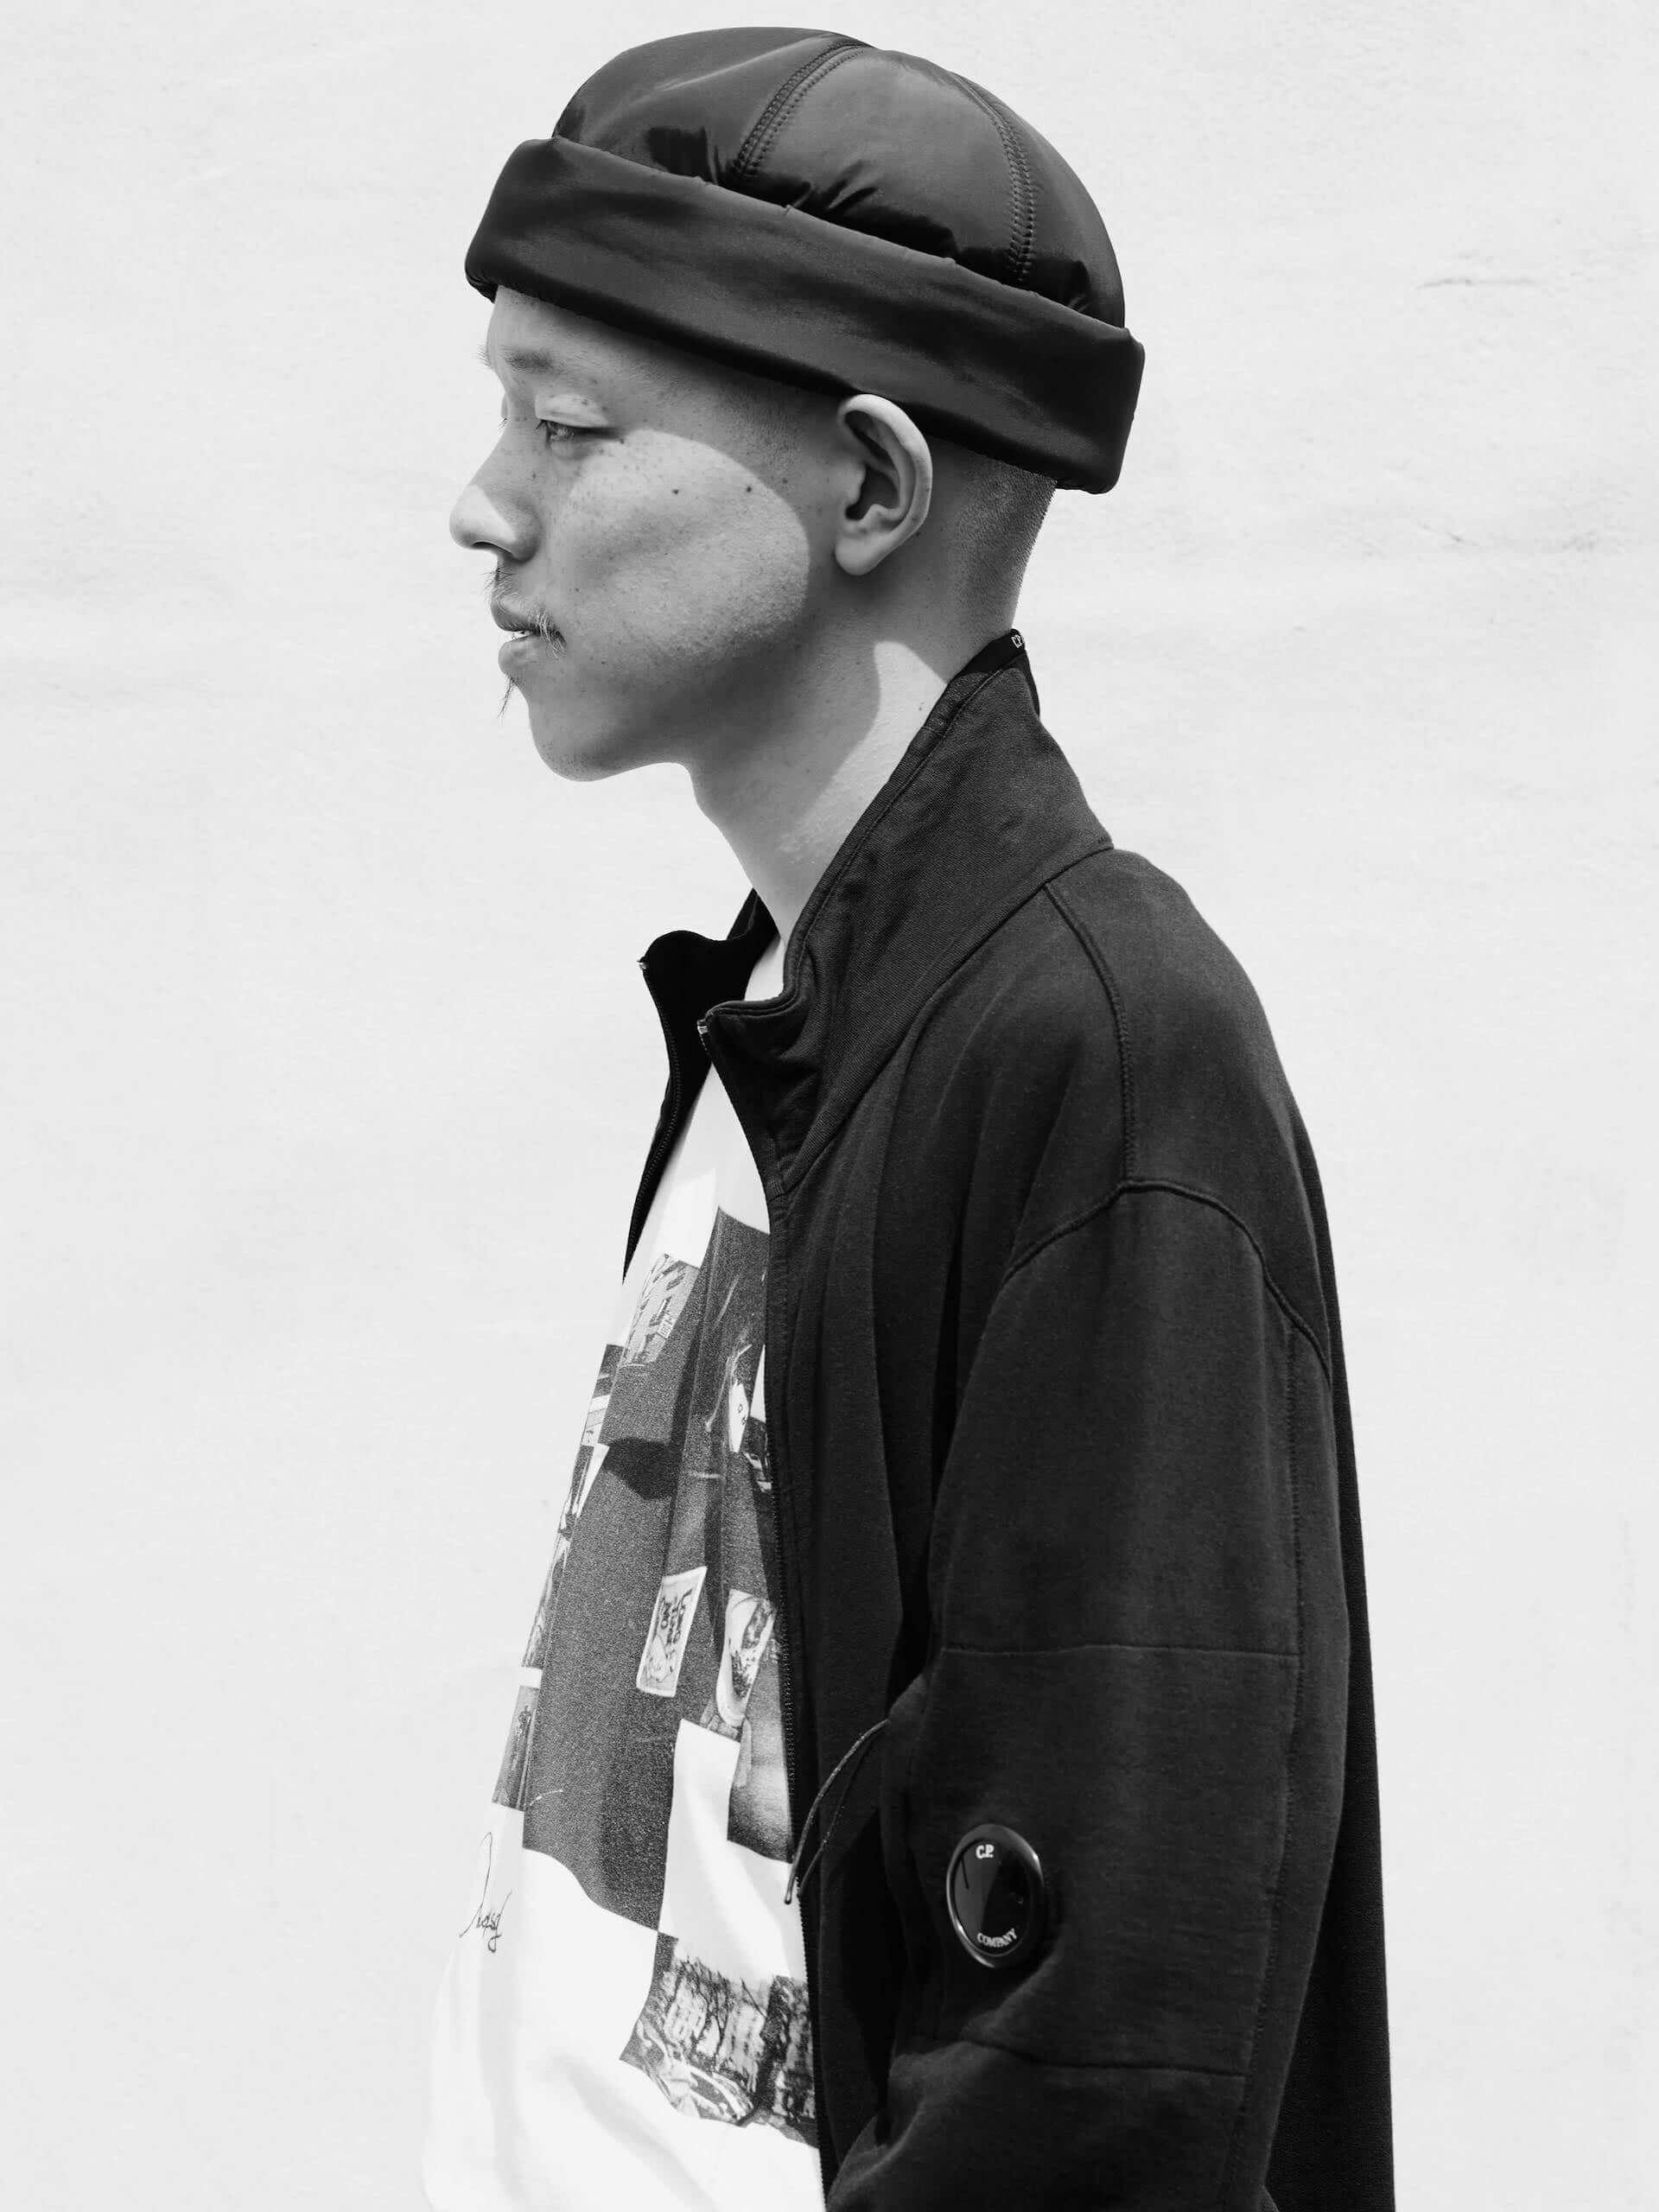 静岡の泊まれる公園「INN THE PARK」にて野外フェス<DISTANCE>が開催決定!DJ Nobu、Soichi Terada、Mars89、Jun Kamodaらが出演 music201006_distance2020_10-1920x2560